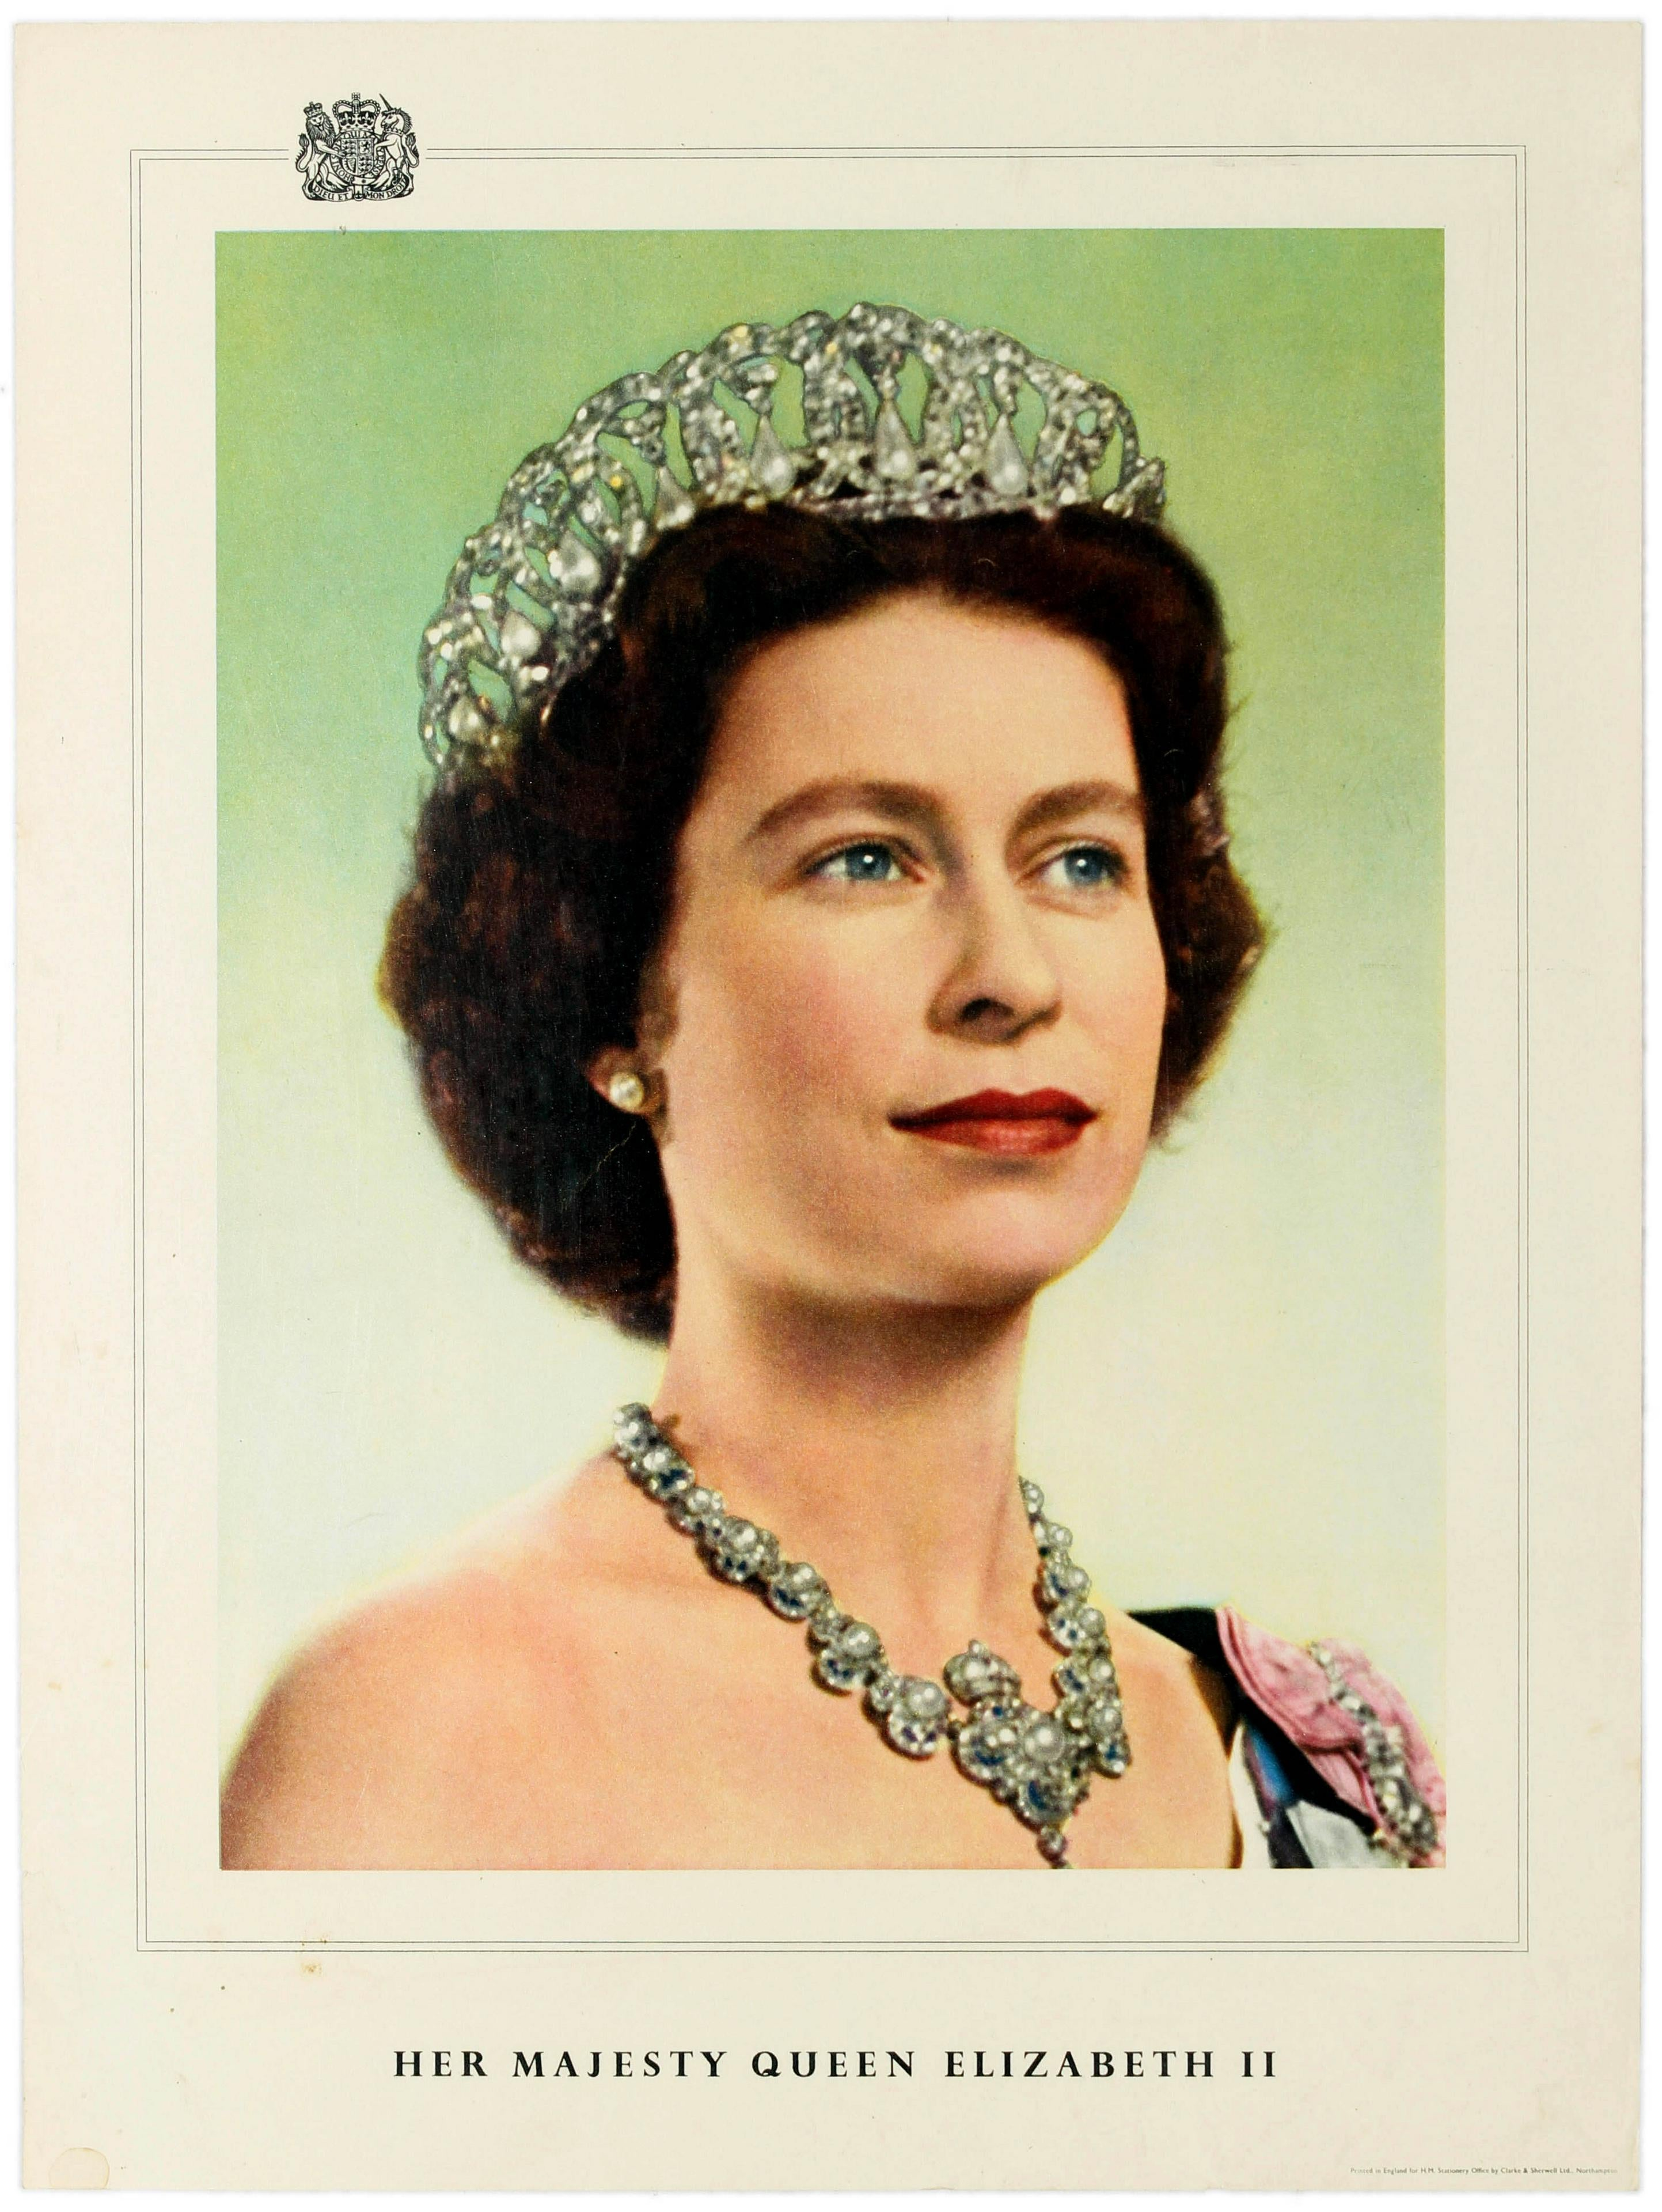 13 Queen Elizabeth II AntikBar Vintage Posters Auction 25April2020